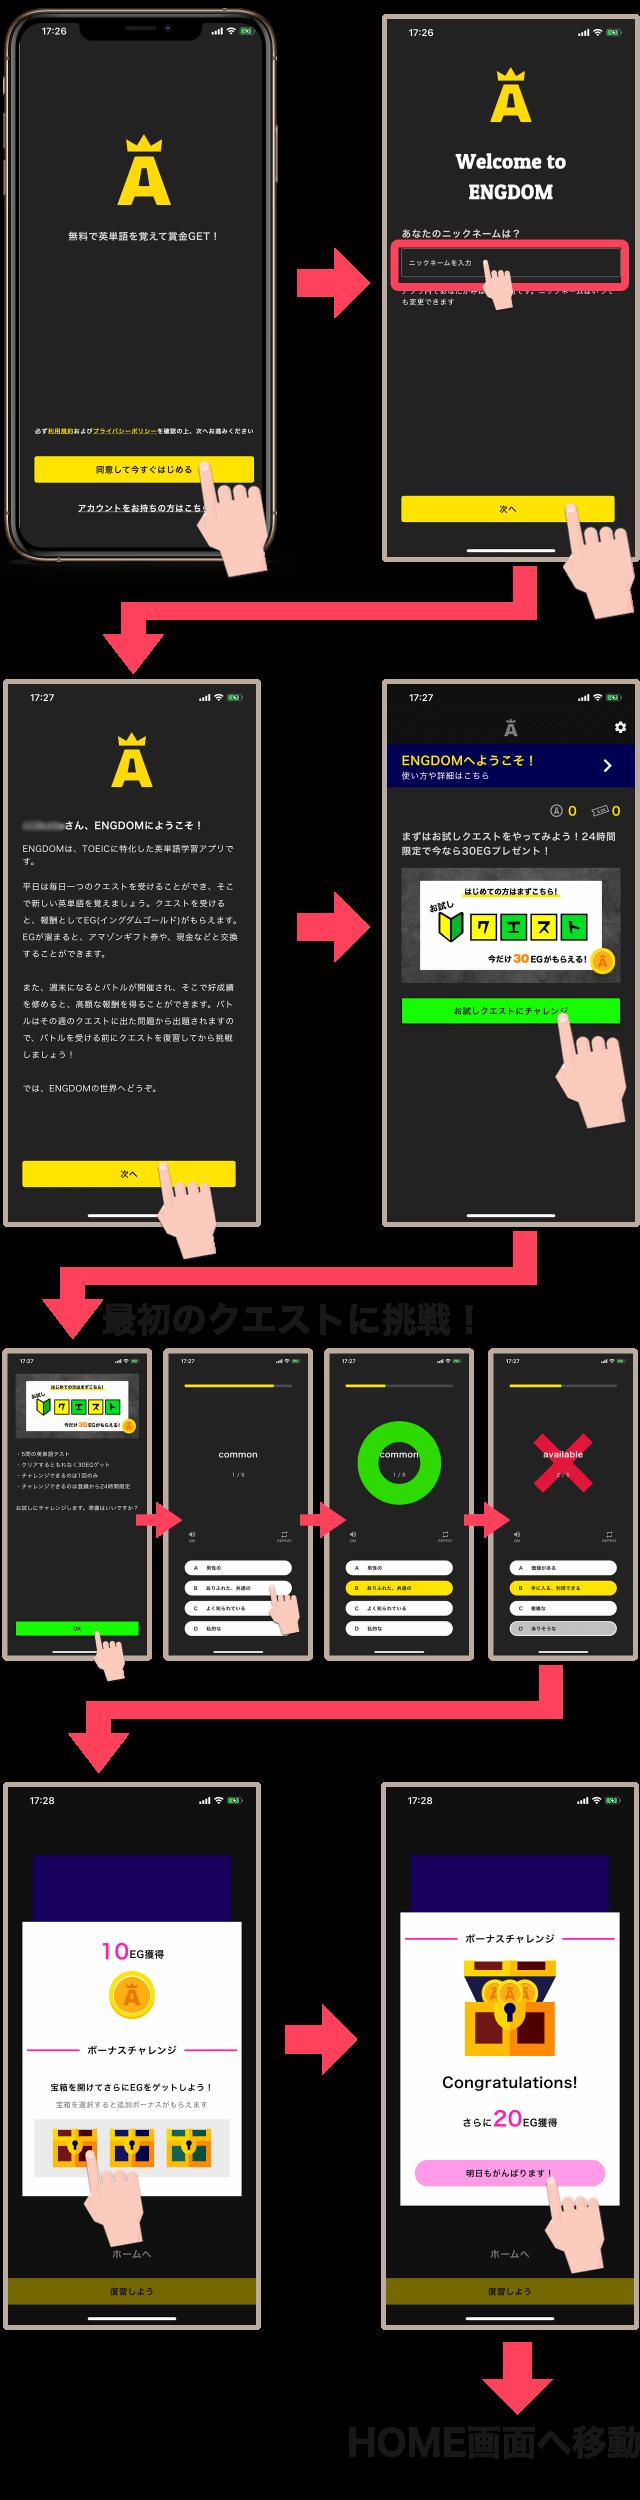 ENGDOM(イングダム)アプリ使い方・登録手順・クエスト